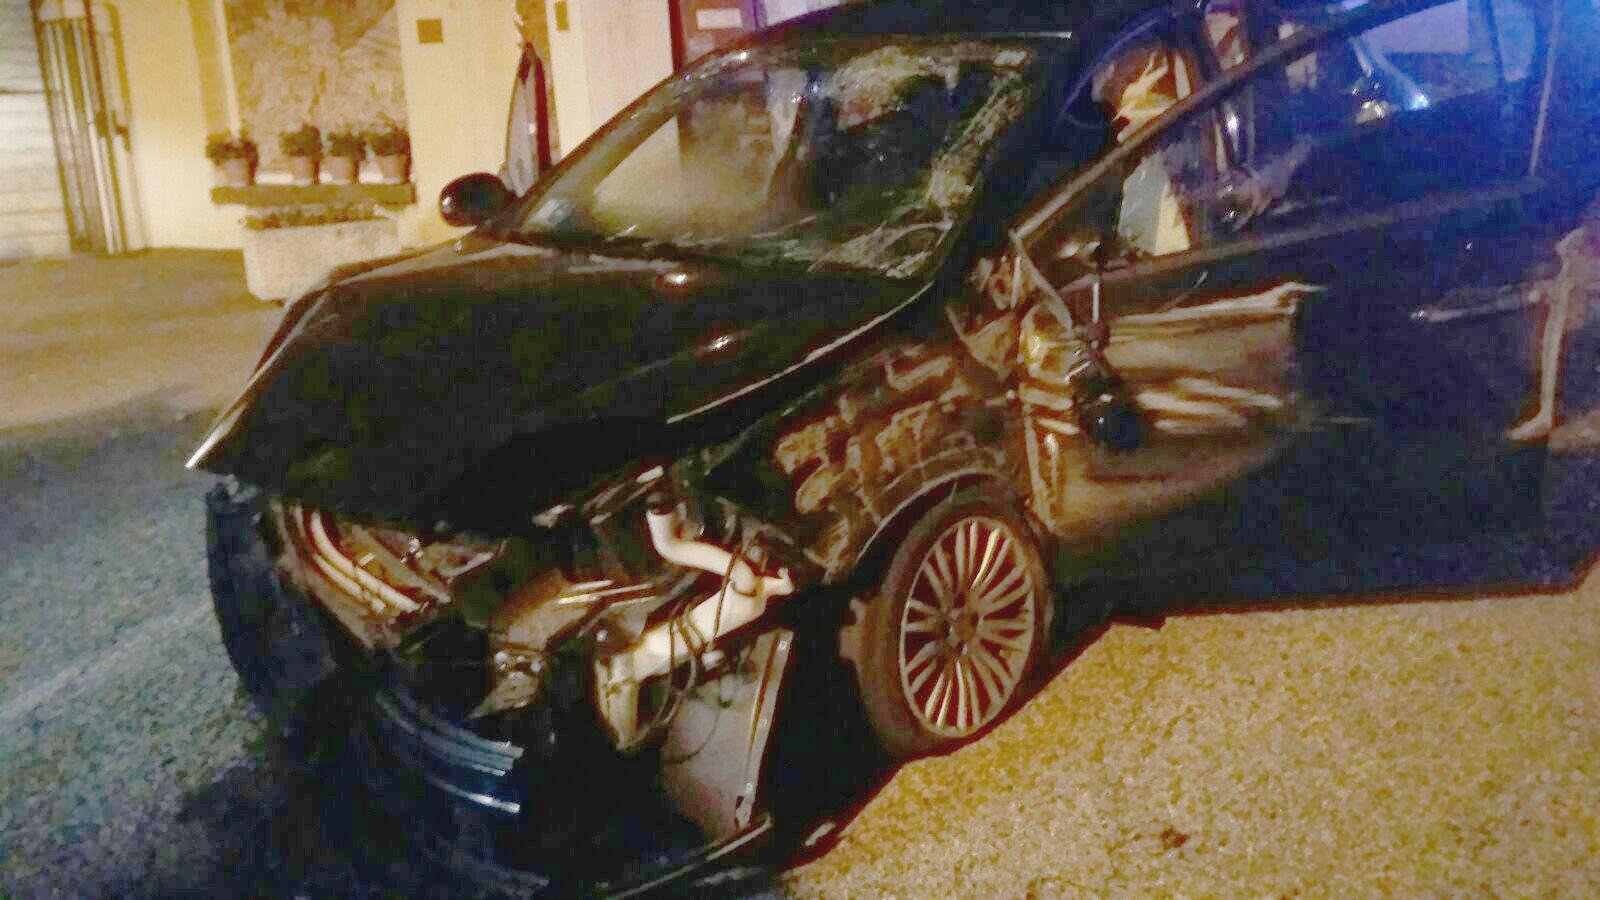 CINTANO - Incidente mortale: il conducente positivo ad alcol e droga. Denunciato per omicidio stradale